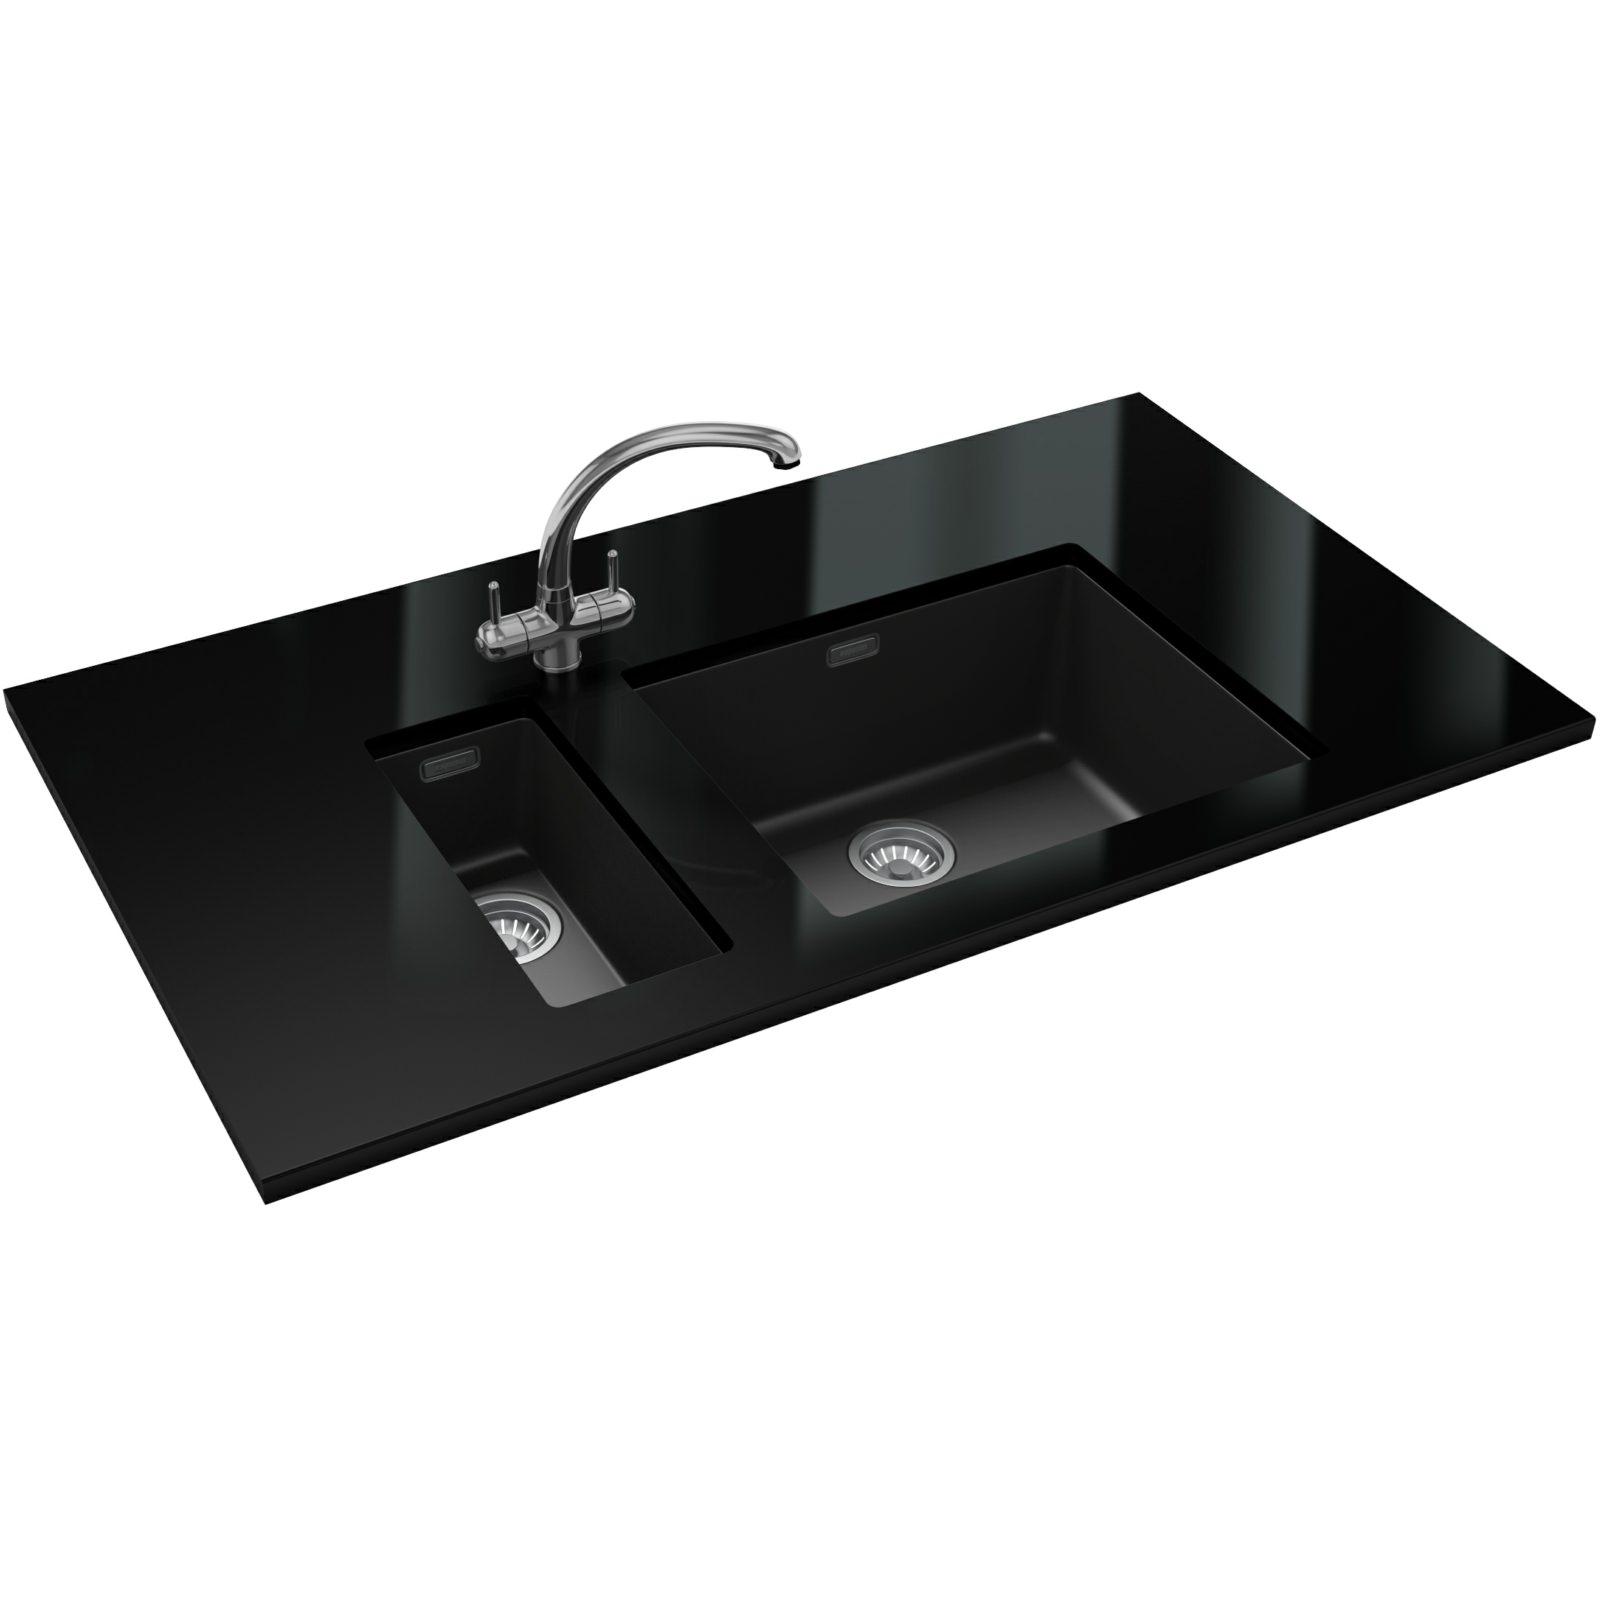 Franke Sirius Sink : Franke Sirius SID 110 50 Tectonite Carbon Black 1.0 Bowl Undermount ...